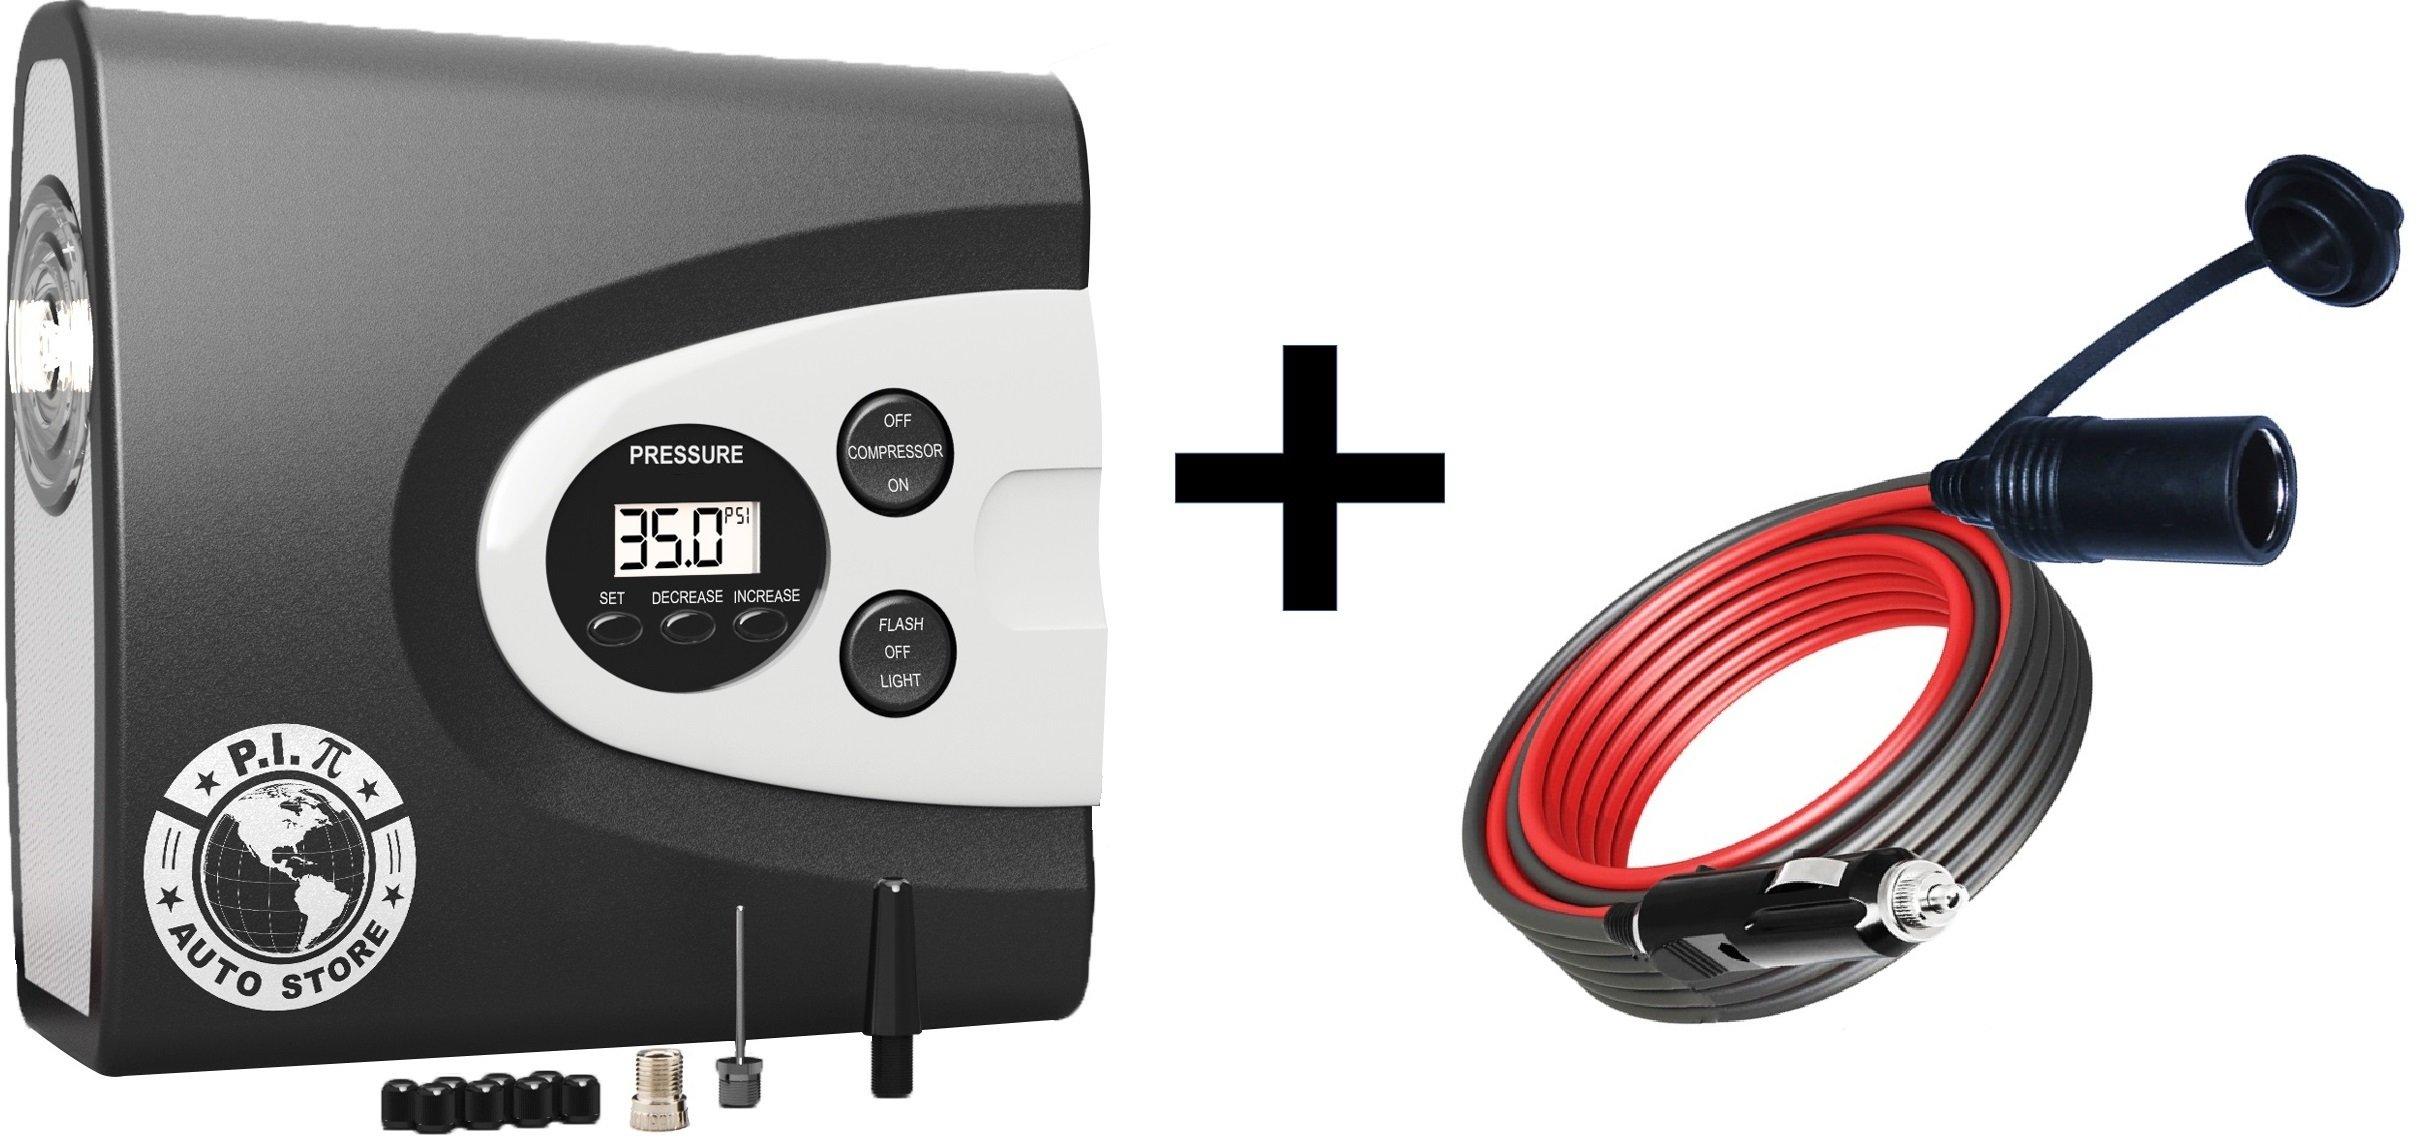 P.I. AUTO STORE Premium 12V 12' Extension Cable Cord Lead for Cigarette Lighter Plug.